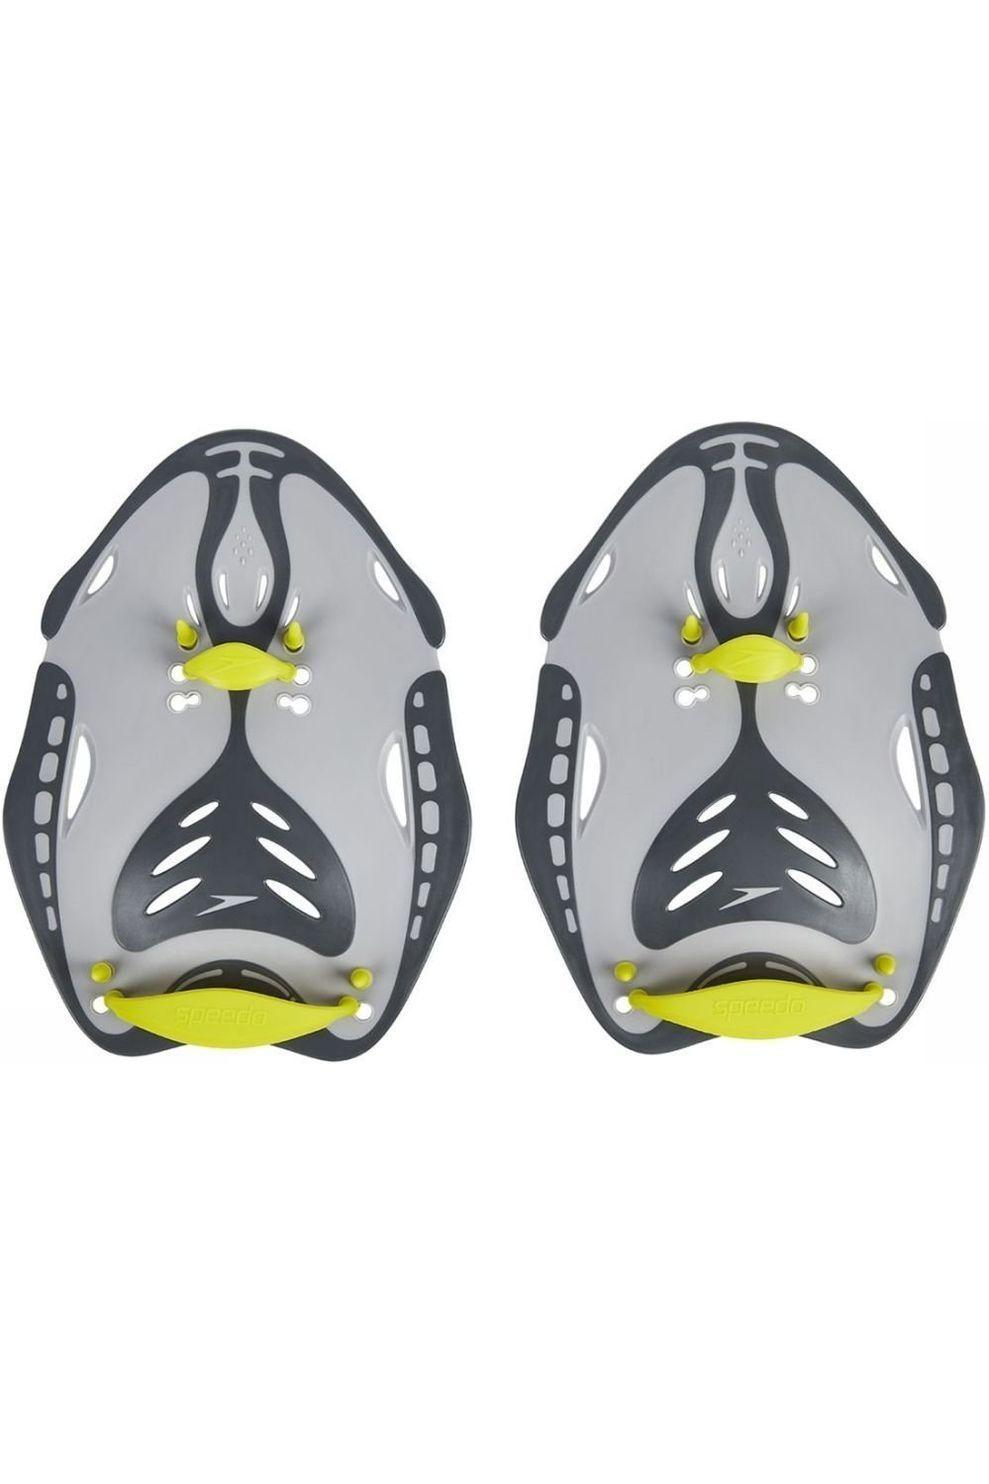 Speedo Diverse Biofuse Power Paddle - Zwart/Geel - Maten: M, L